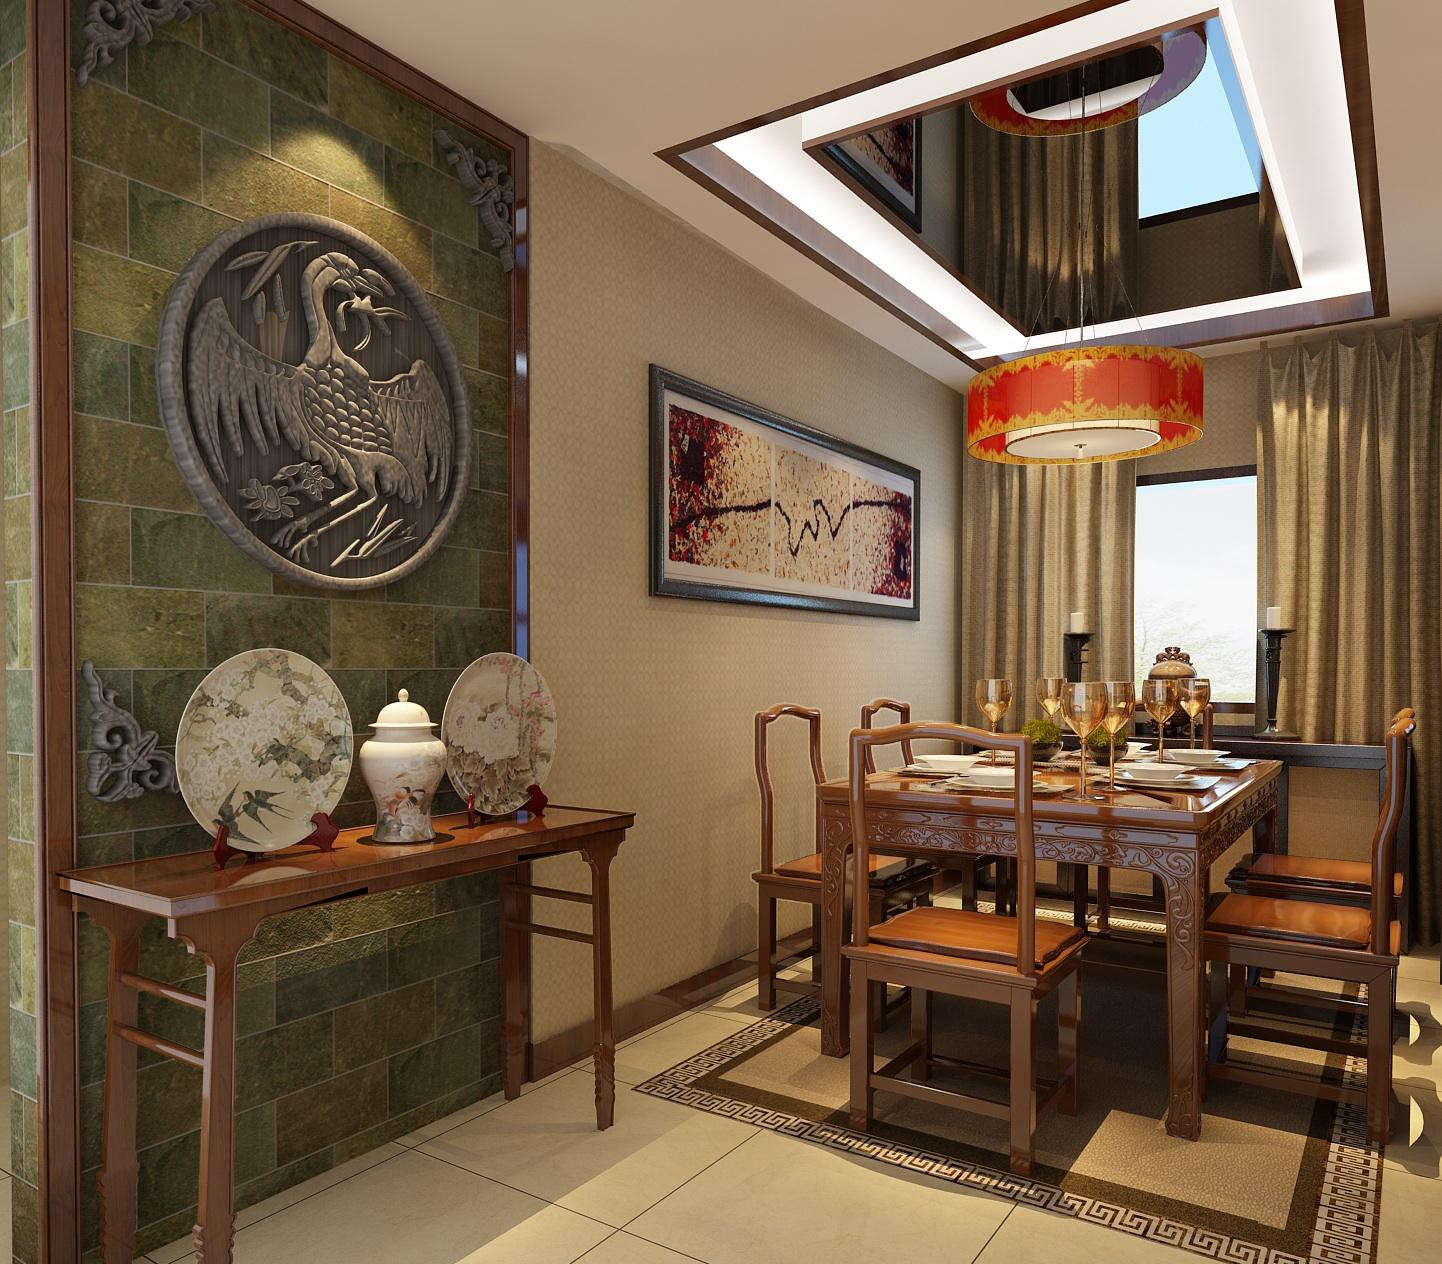 四居 中式 古典 舒适 简洁 华贵 典雅 餐厅图片来自xushuguang1983在山语城190平米中国风装修的分享